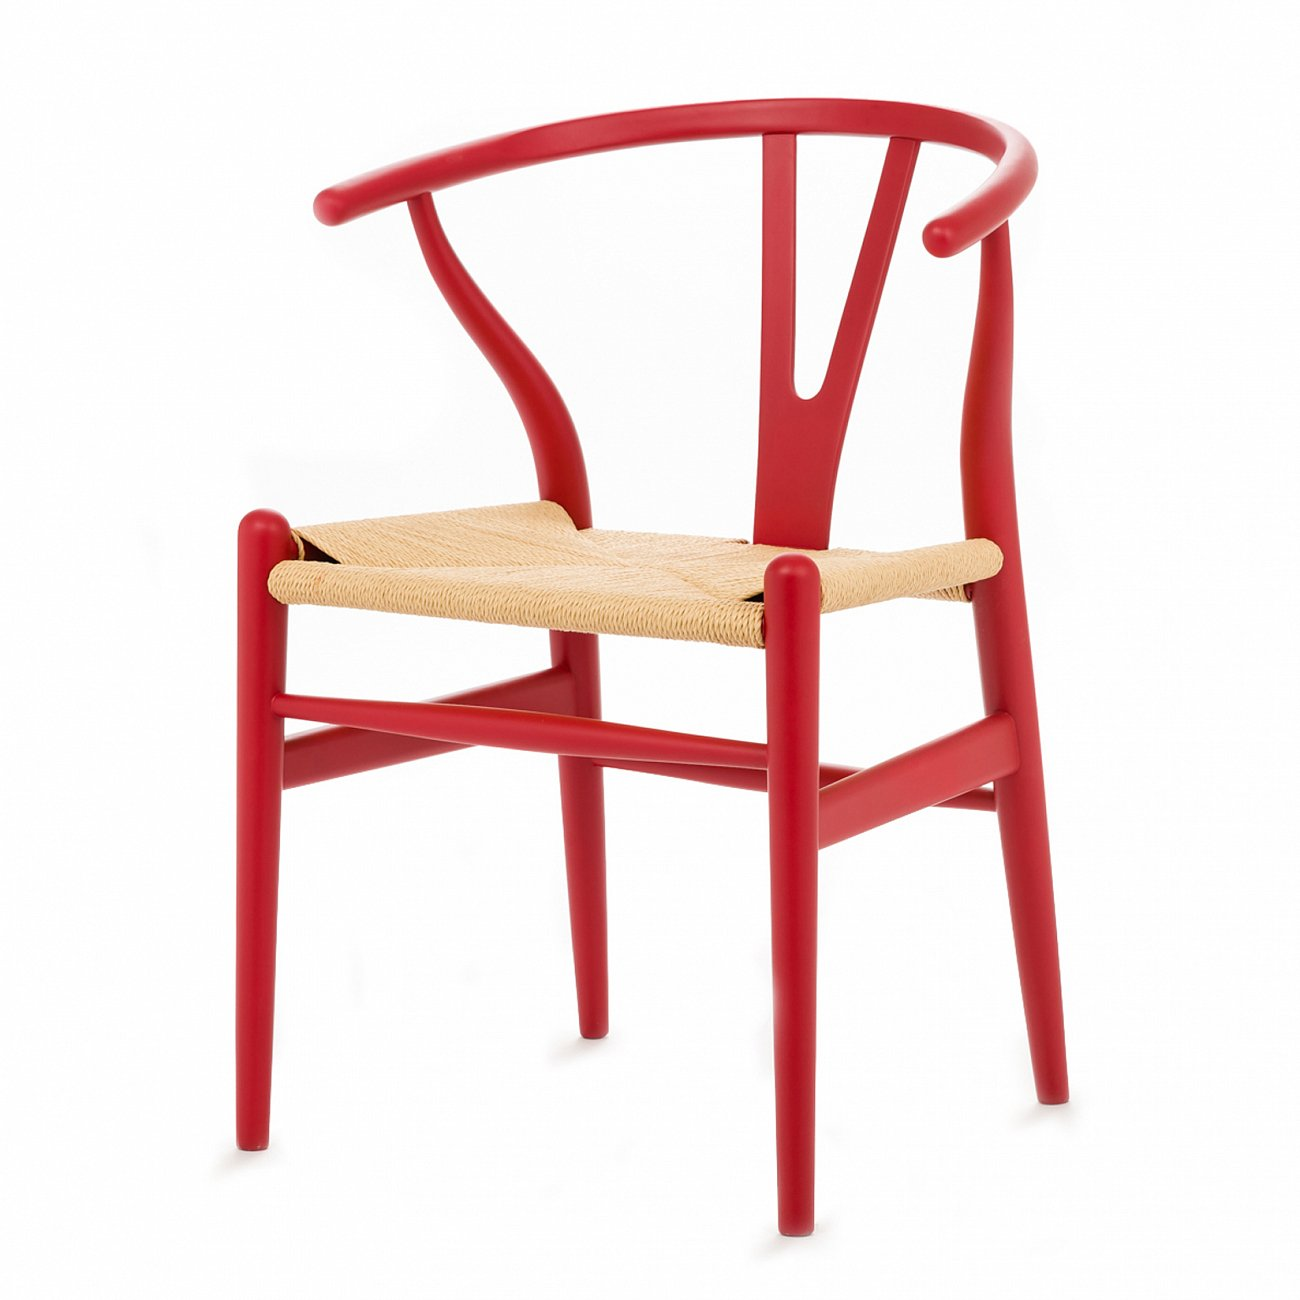 Купить Стул Wishbone окрашеный Красный в интернет магазине дизайнерской мебели и аксессуаров для дома и дачи